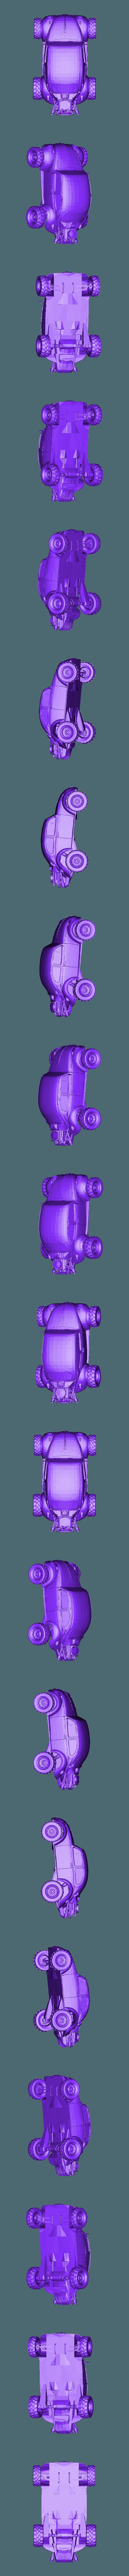 cox4x4.stl Télécharger fichier STL gratuit cox 4x4 custom • Design pour imprimante 3D, Tazmaker